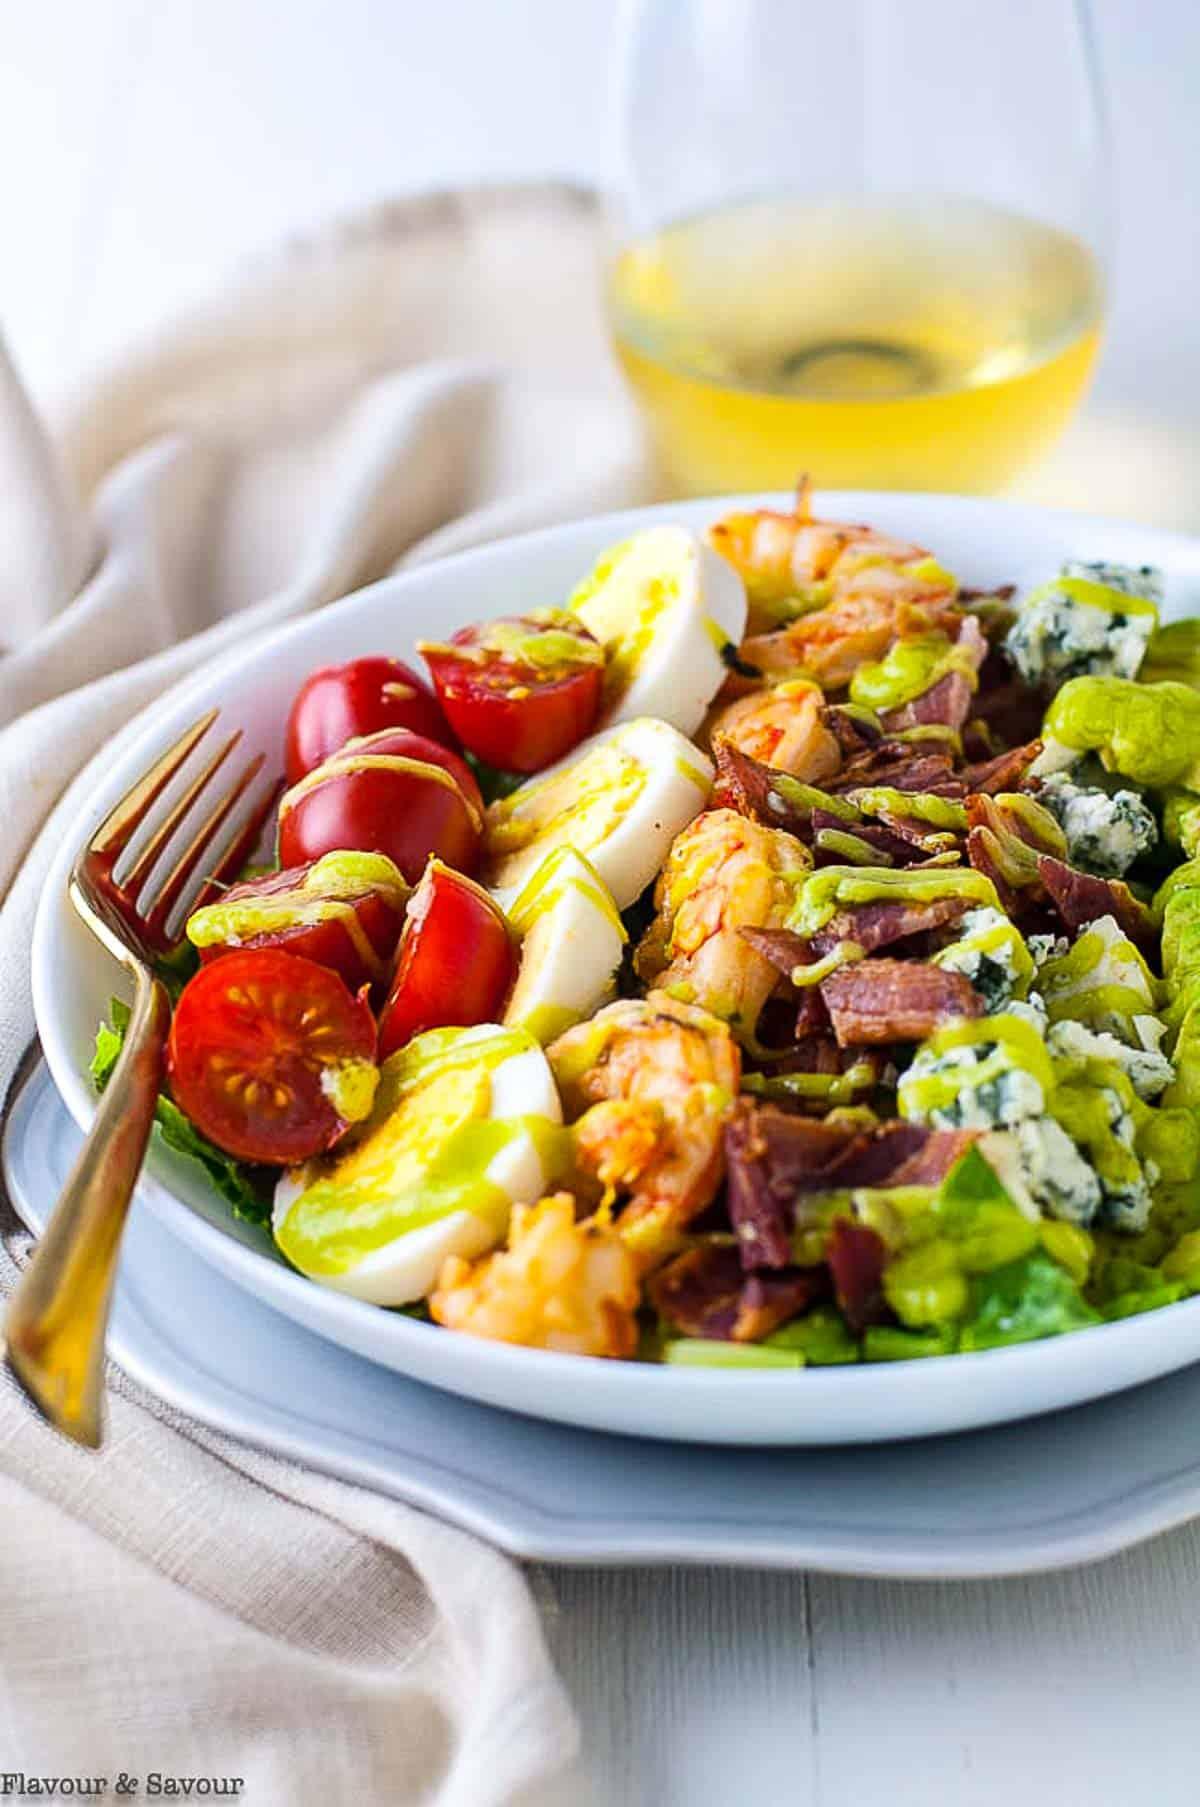 Lemon Garlic Shrimp Cobb Salad in a bowl with a fork.